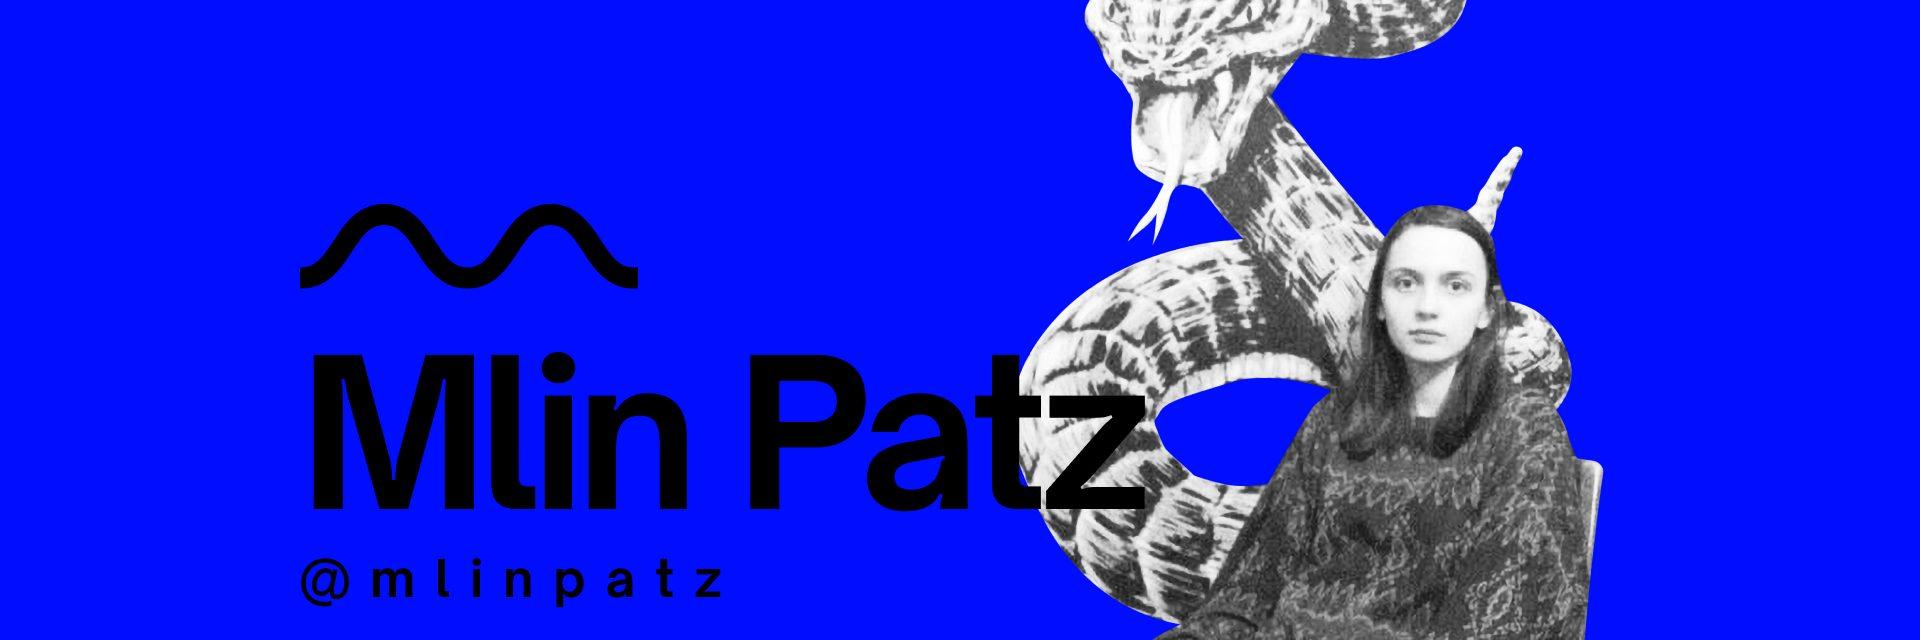 Mubert Artist: Mlin Patz — Mubert Blog